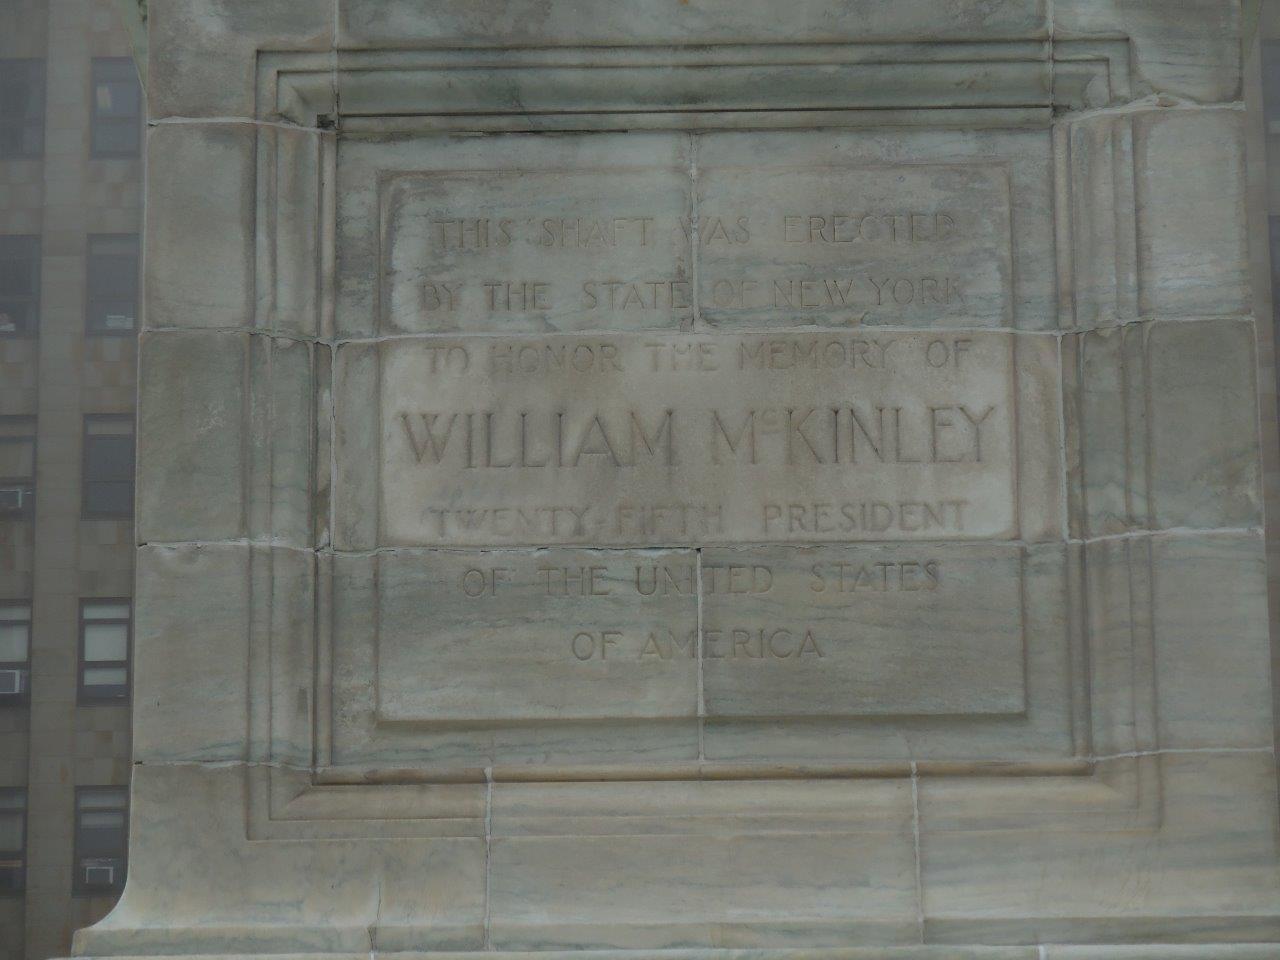 William McKinley monument